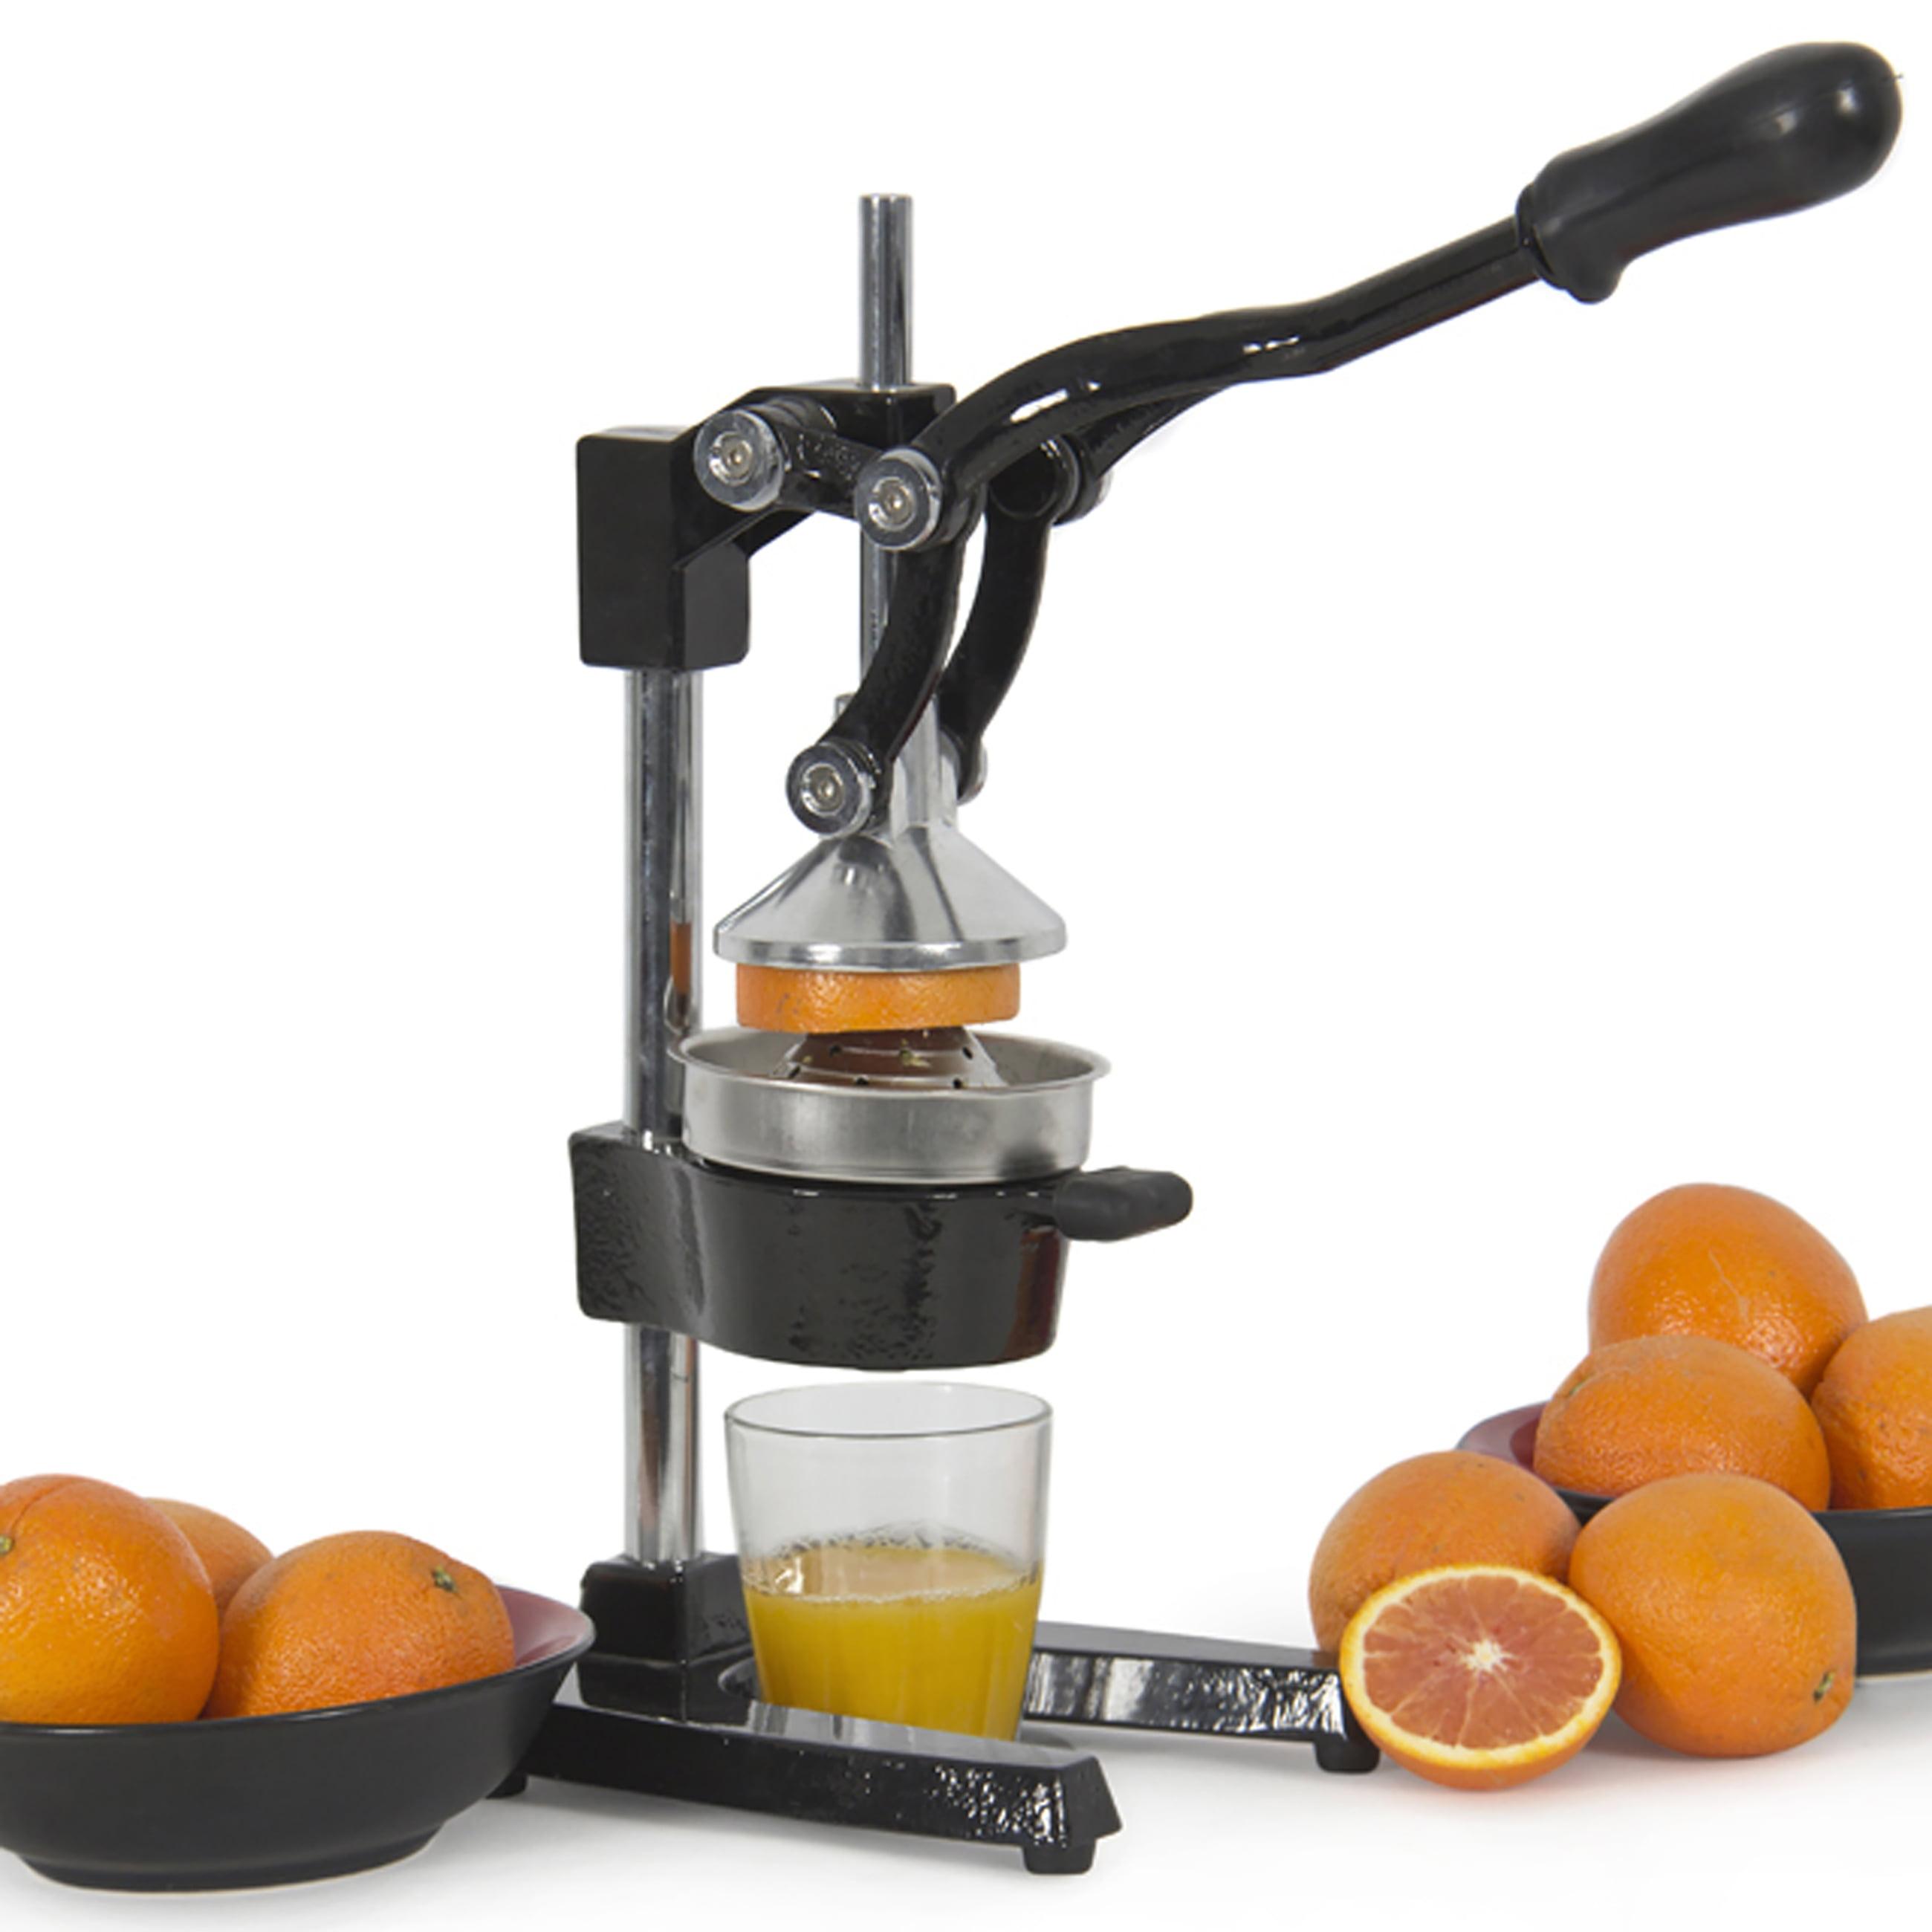 Best Choice Products Large Heavy-Duty Commercial Fresh Squeeze Citrus Fruit Juicer w/ Manual Ergonomic Handle for Oranges, Lemon, Pomegranate, Grapefruit - Black